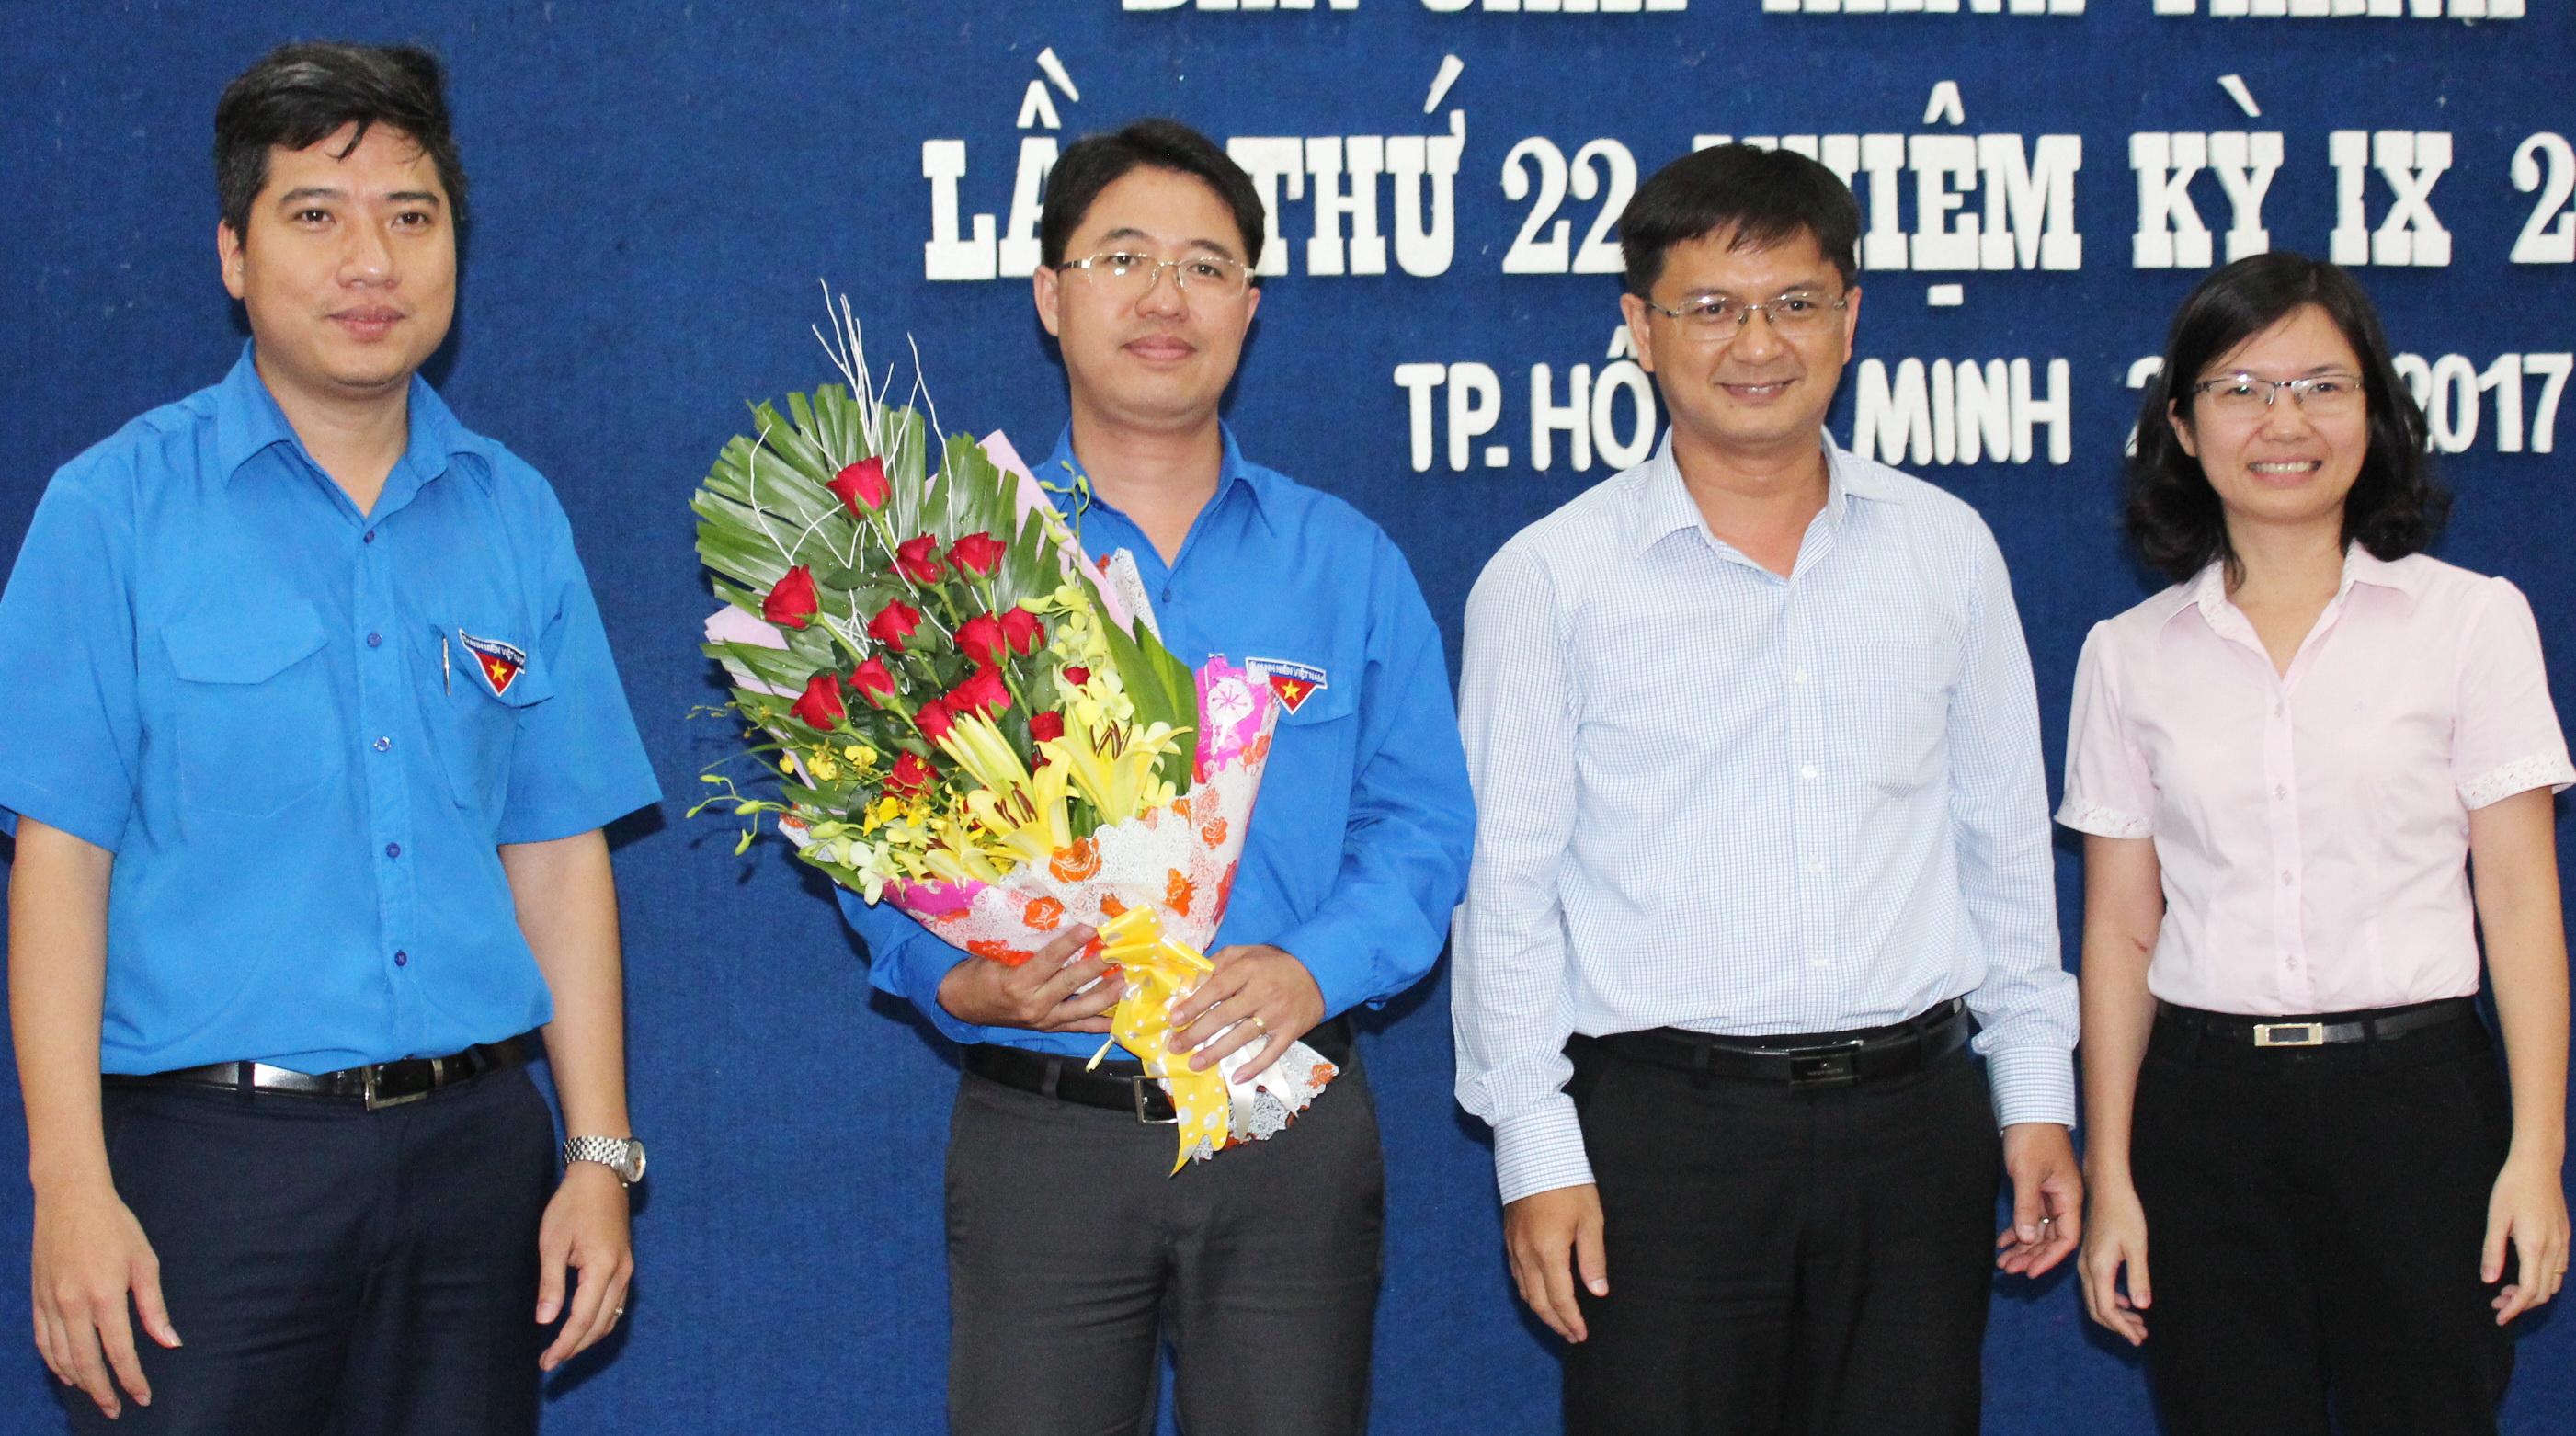 Đồng chí Phạm Hồng Sơn được bầu làm Bí thư Thành Đoàn TP.Hồ Chí Minh